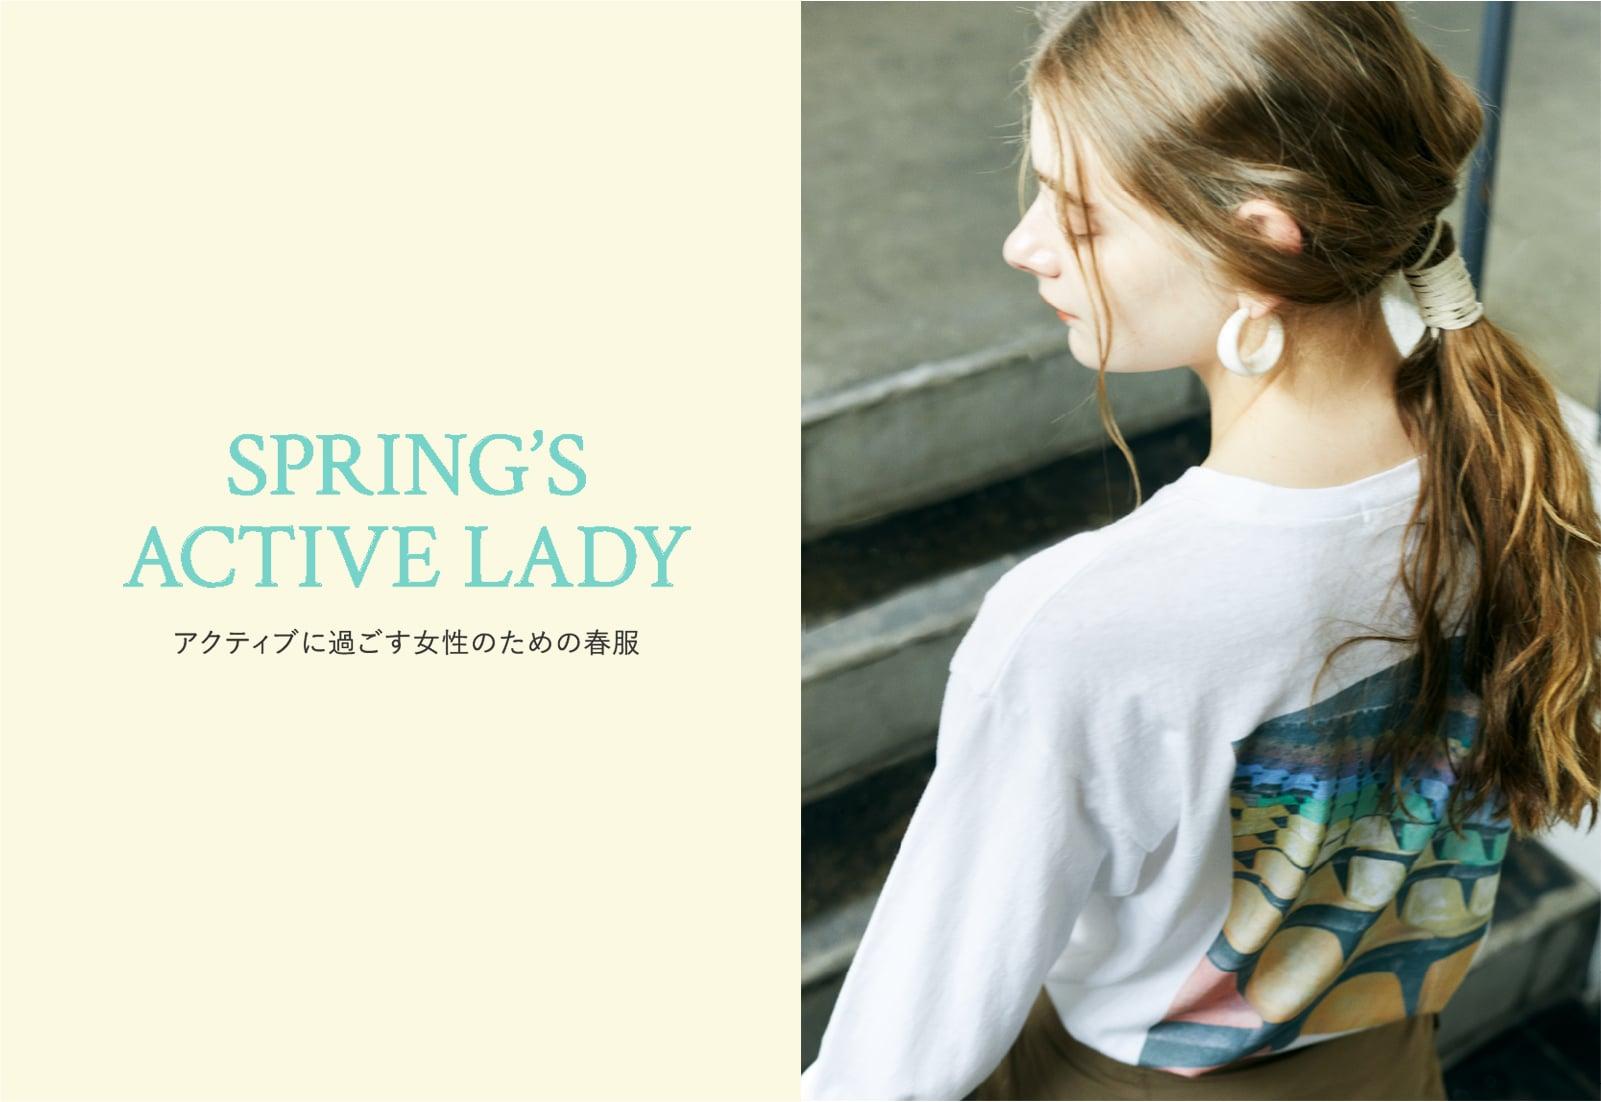 SPRING'S ACTIVE LADY アクティブに過ごす女性のための春服